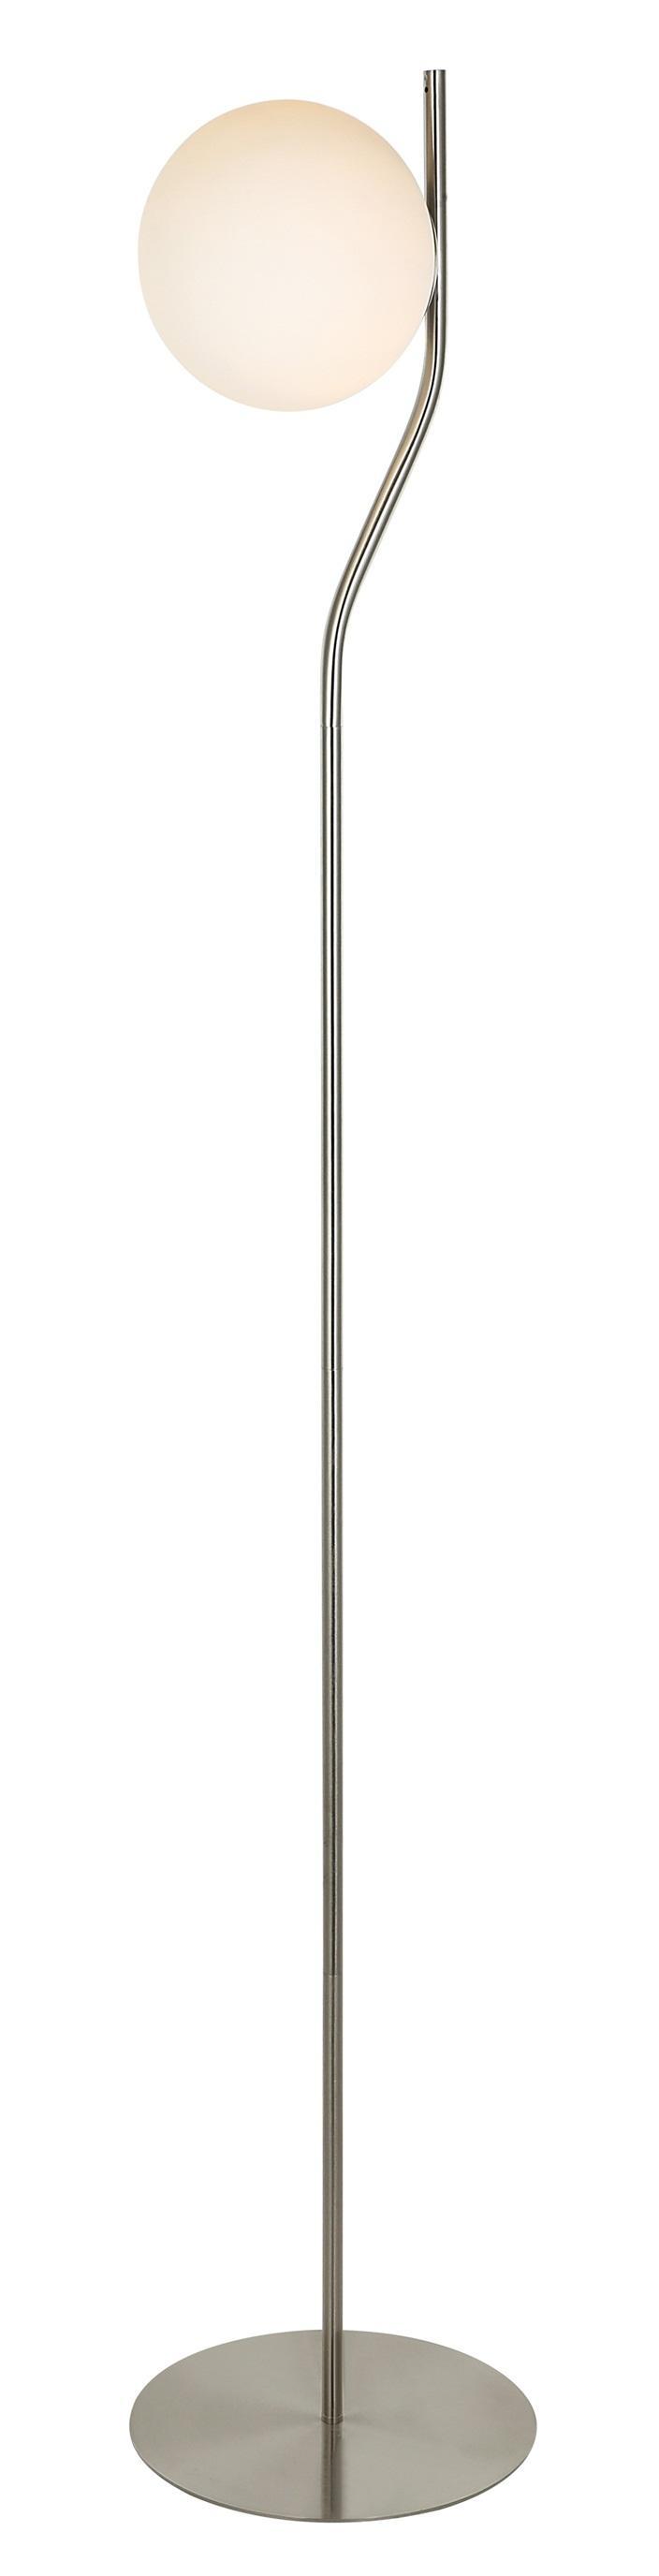 40W FLOOR LAMP 64345-1